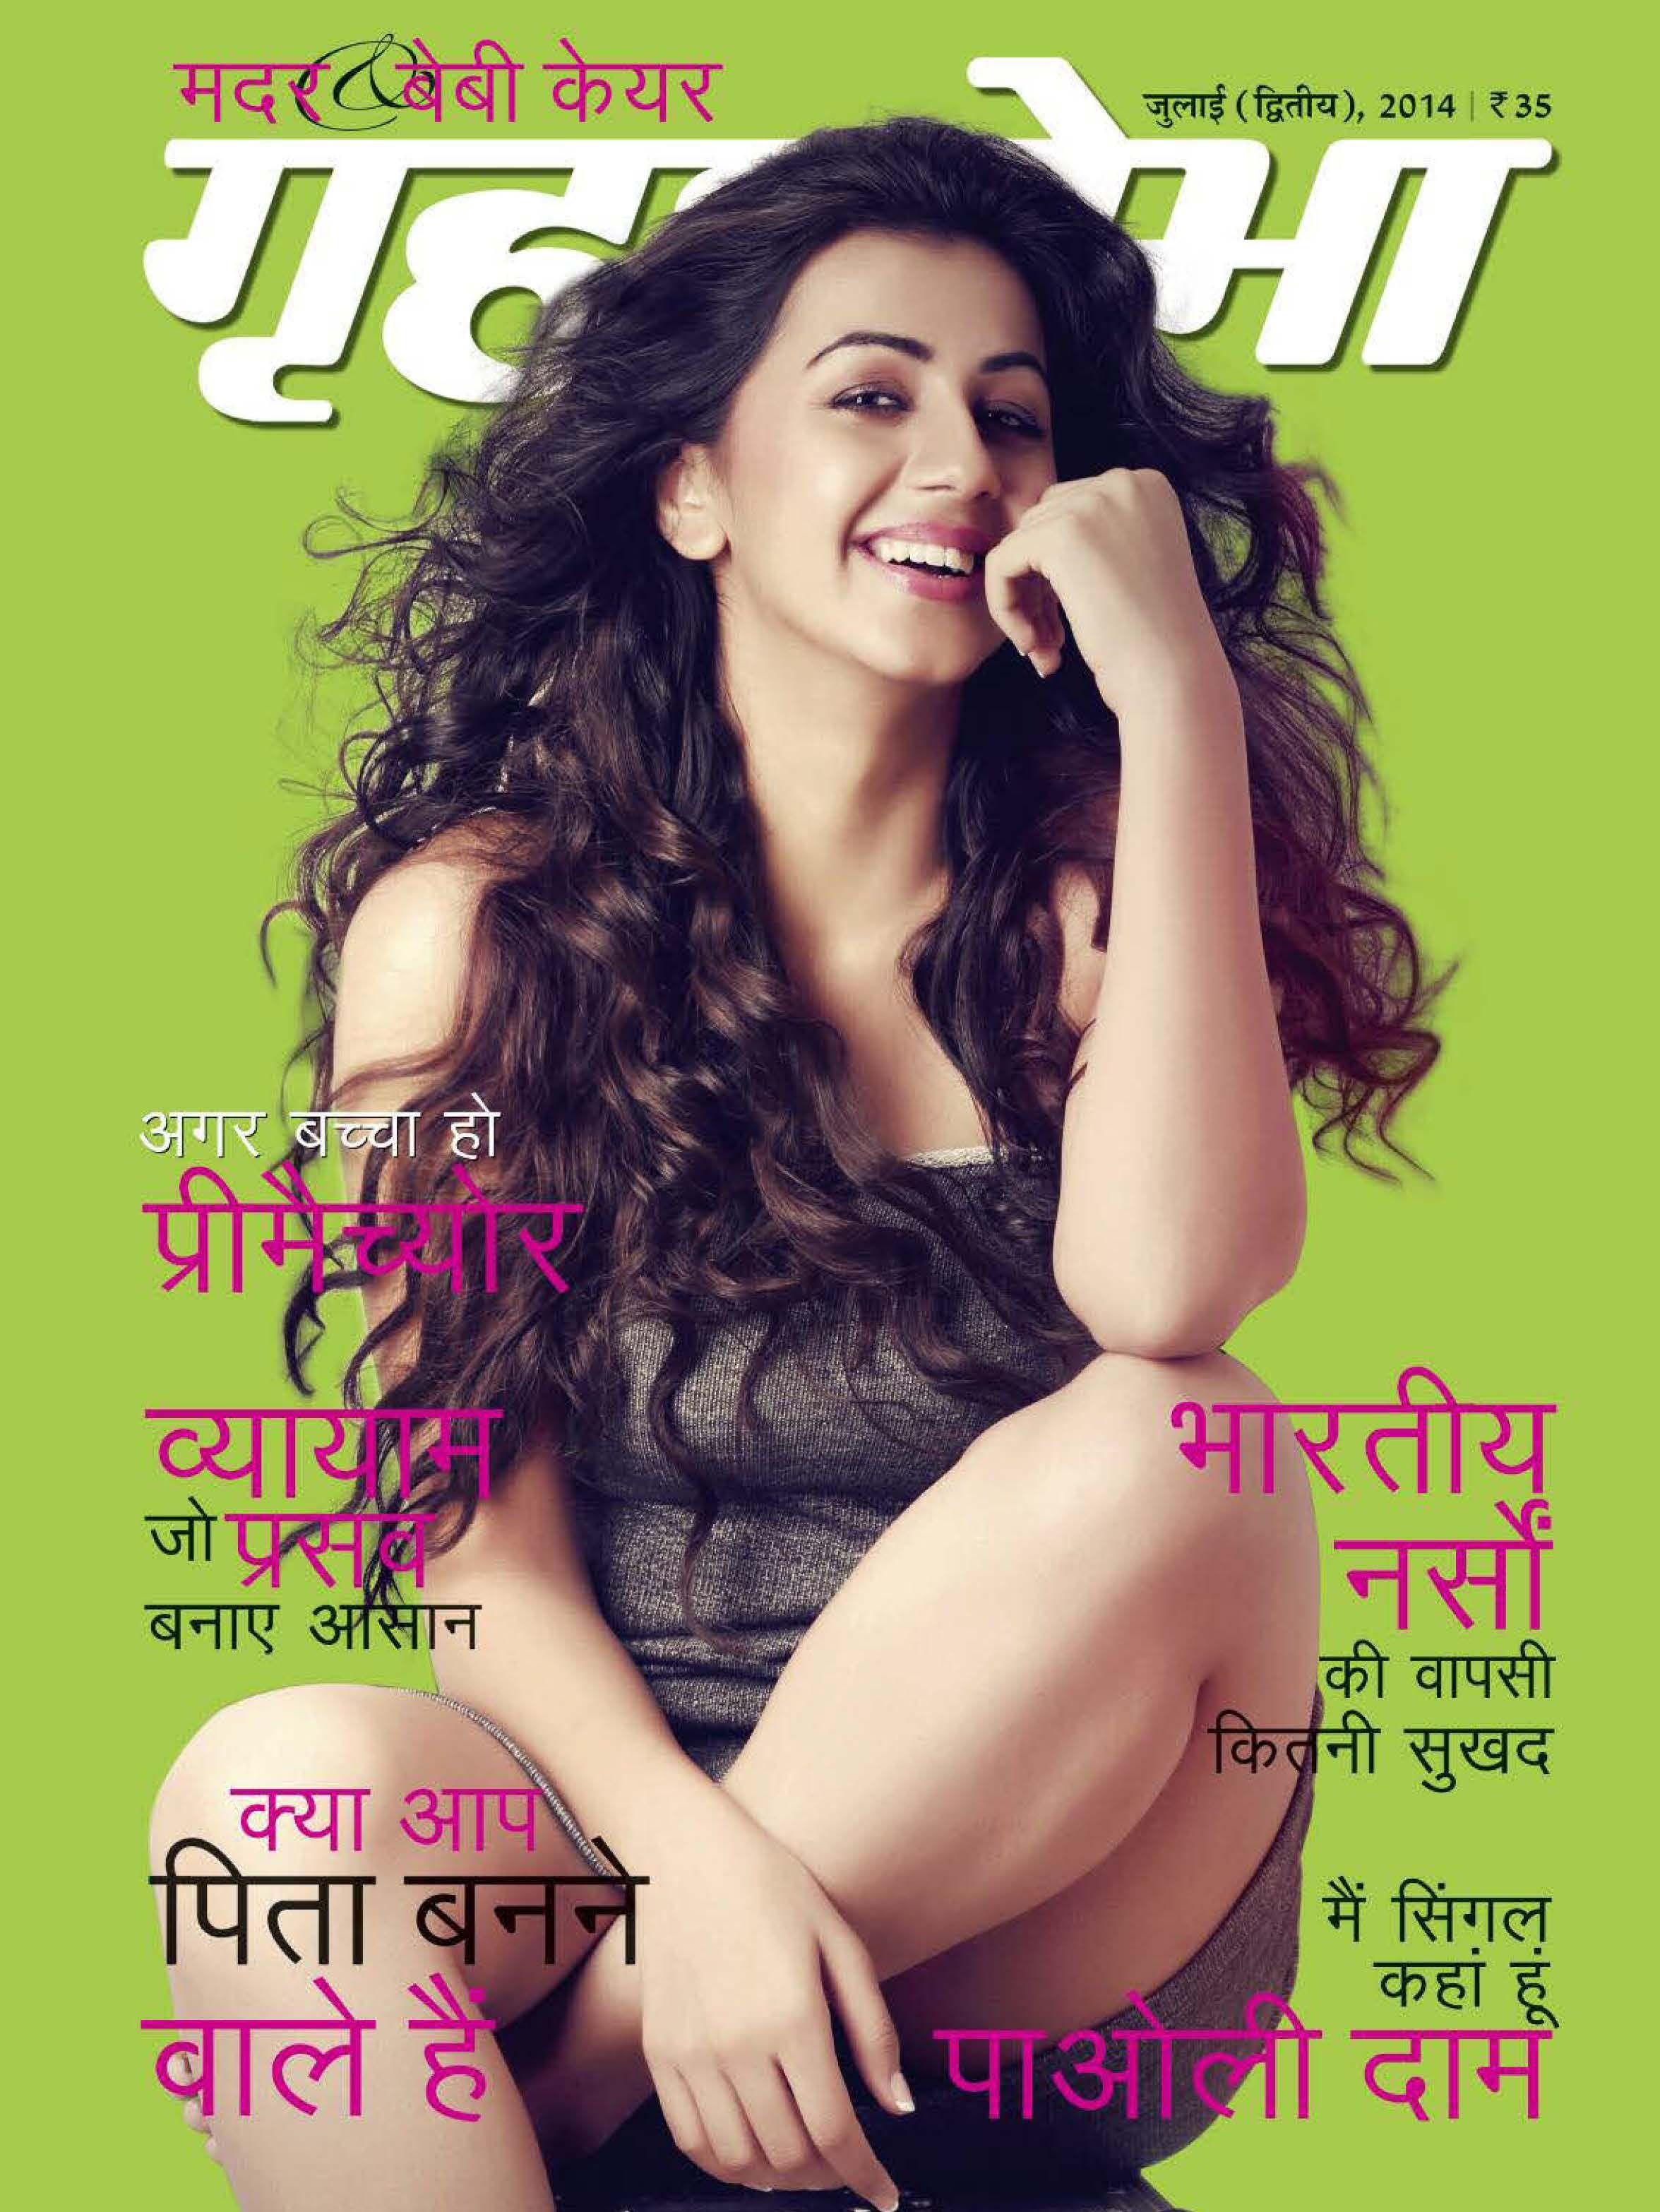 Grihshobha - Hindi Hindi Magazine - Buy, Subscribe, Download and